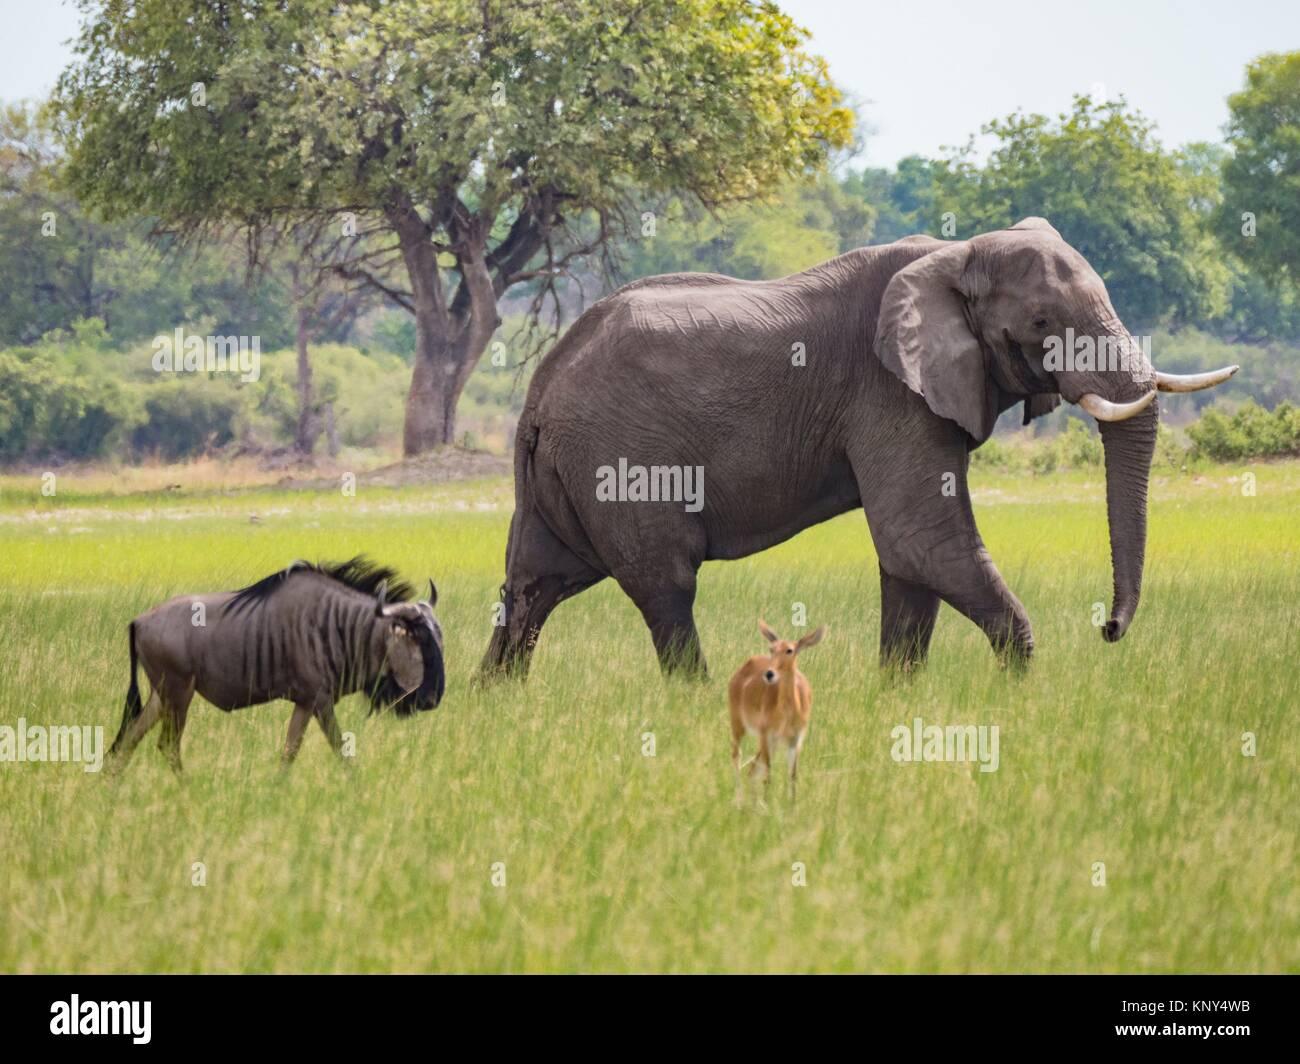 Botswana. Elephant. - Stock Image